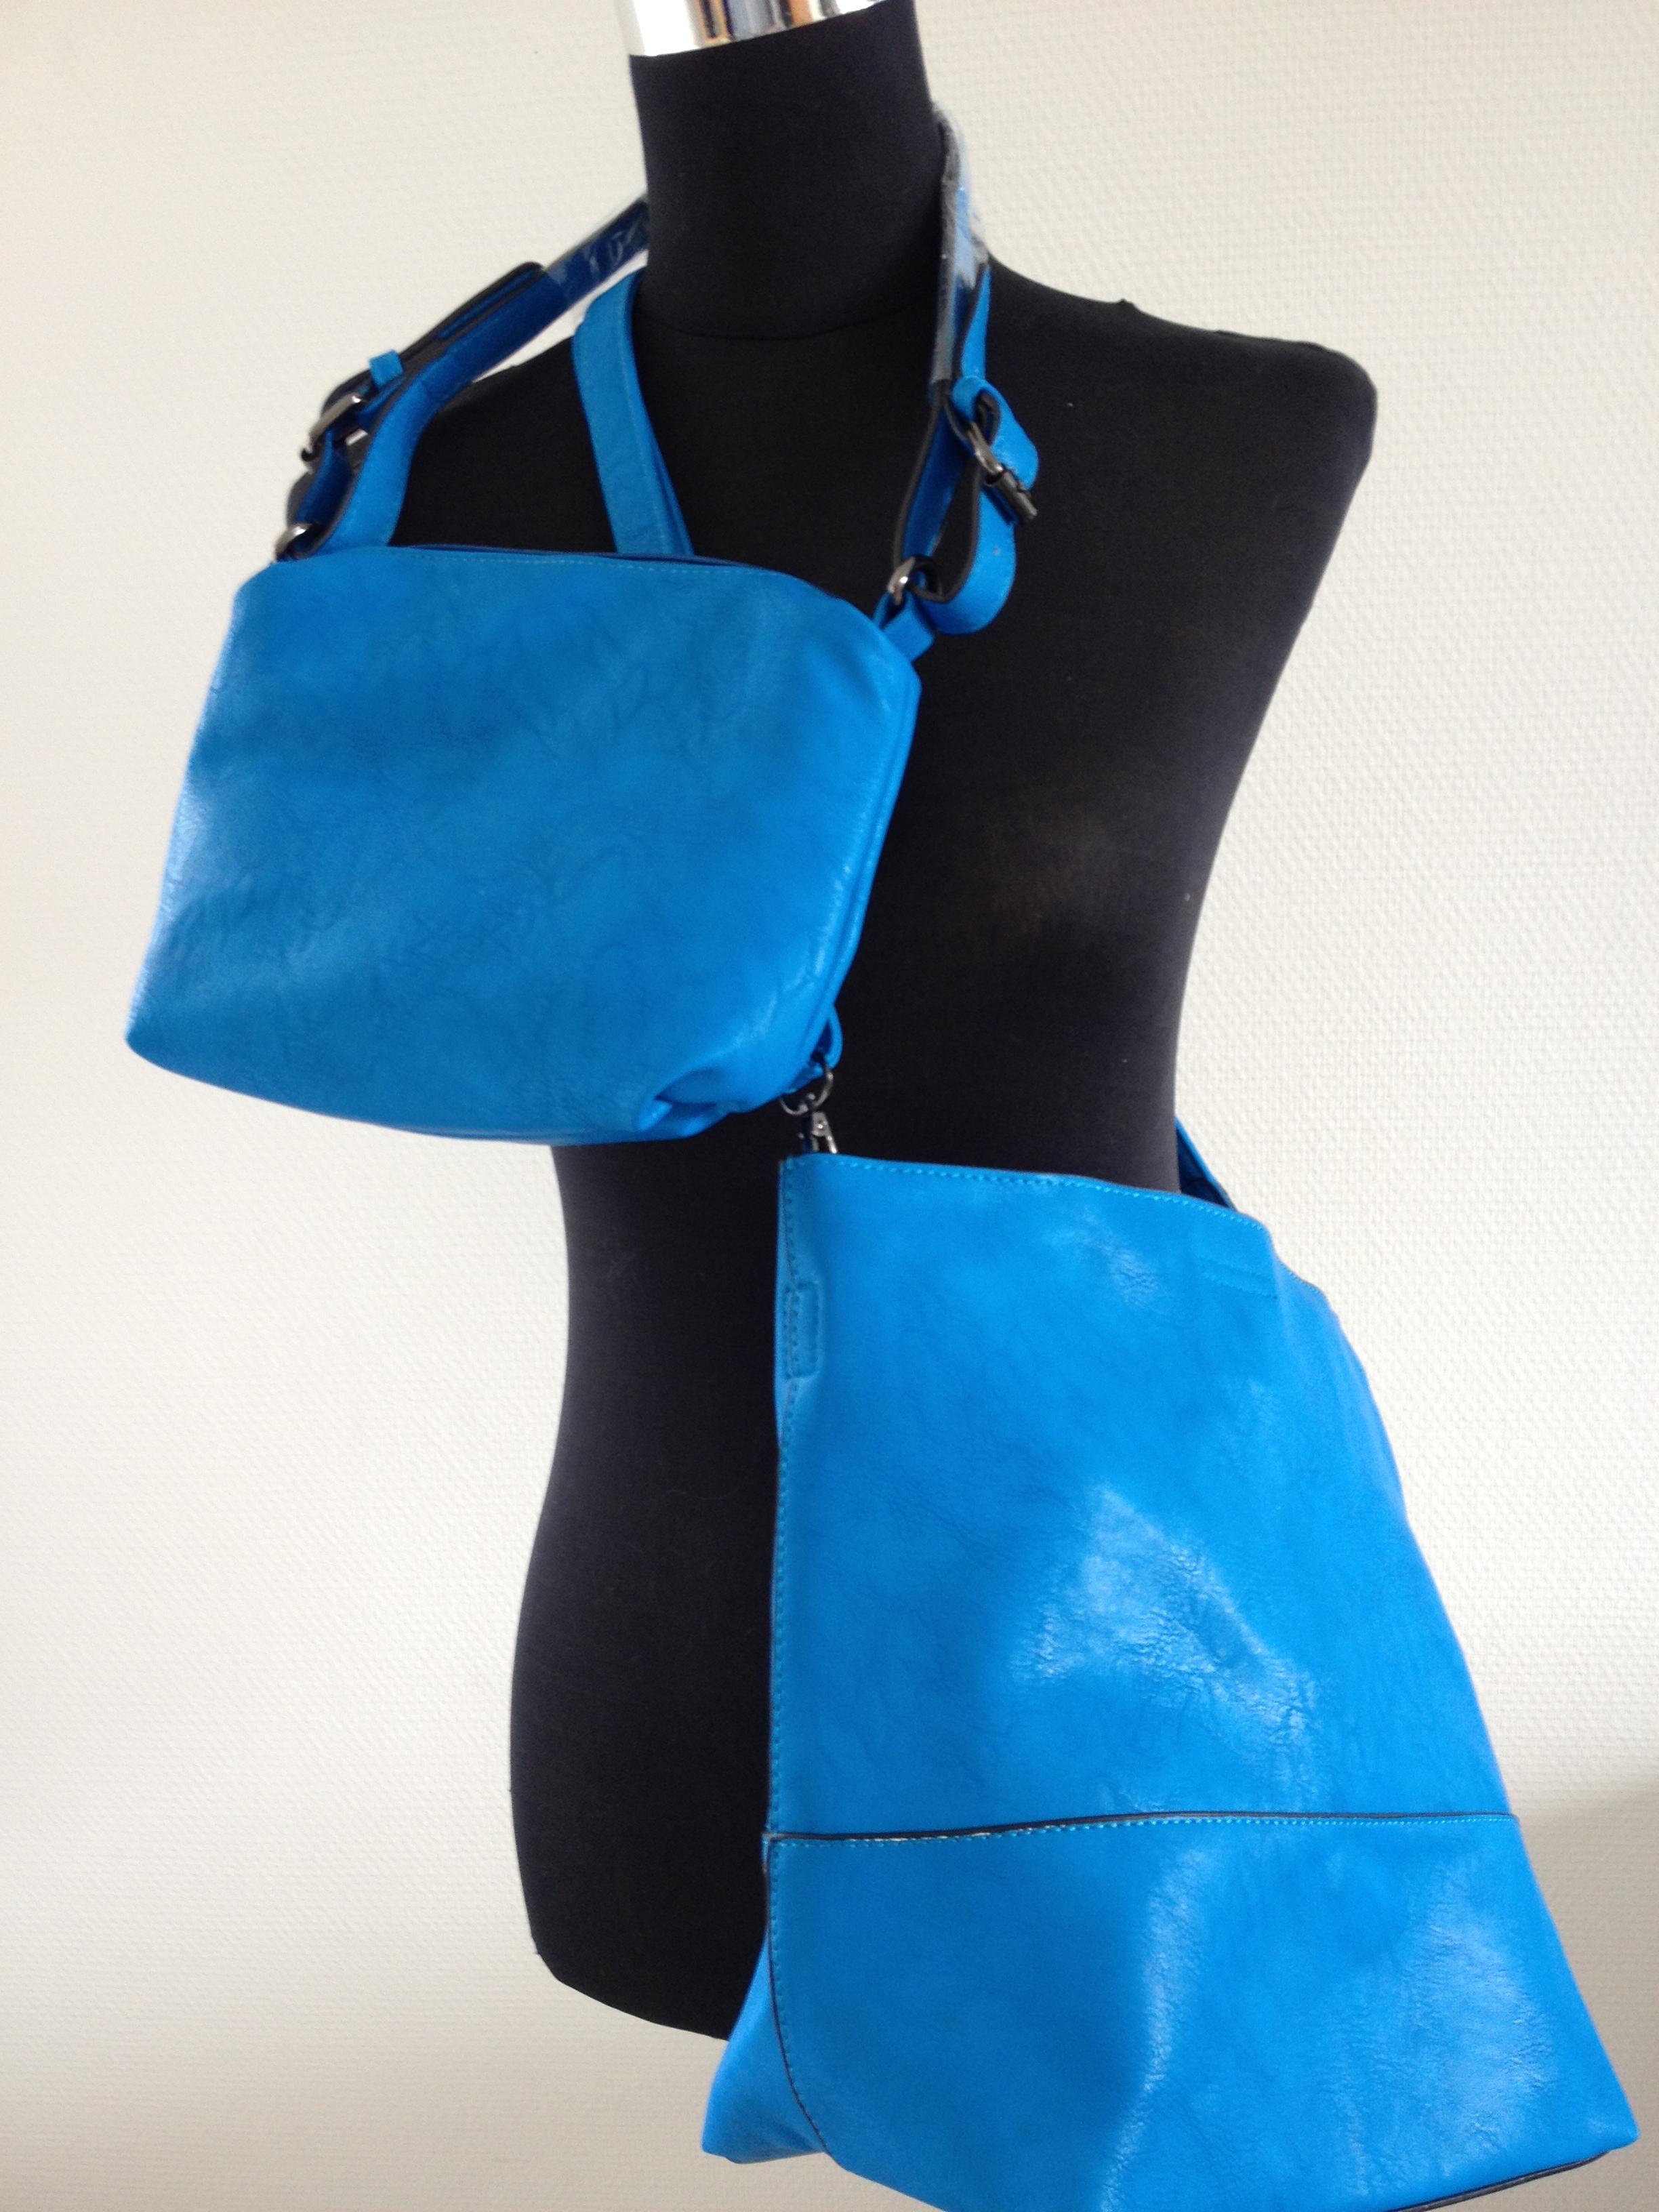 Bijoux    Tassen    Mooie trendy 2 in 1 blauwe tas met schouderband 0aeb5bad55